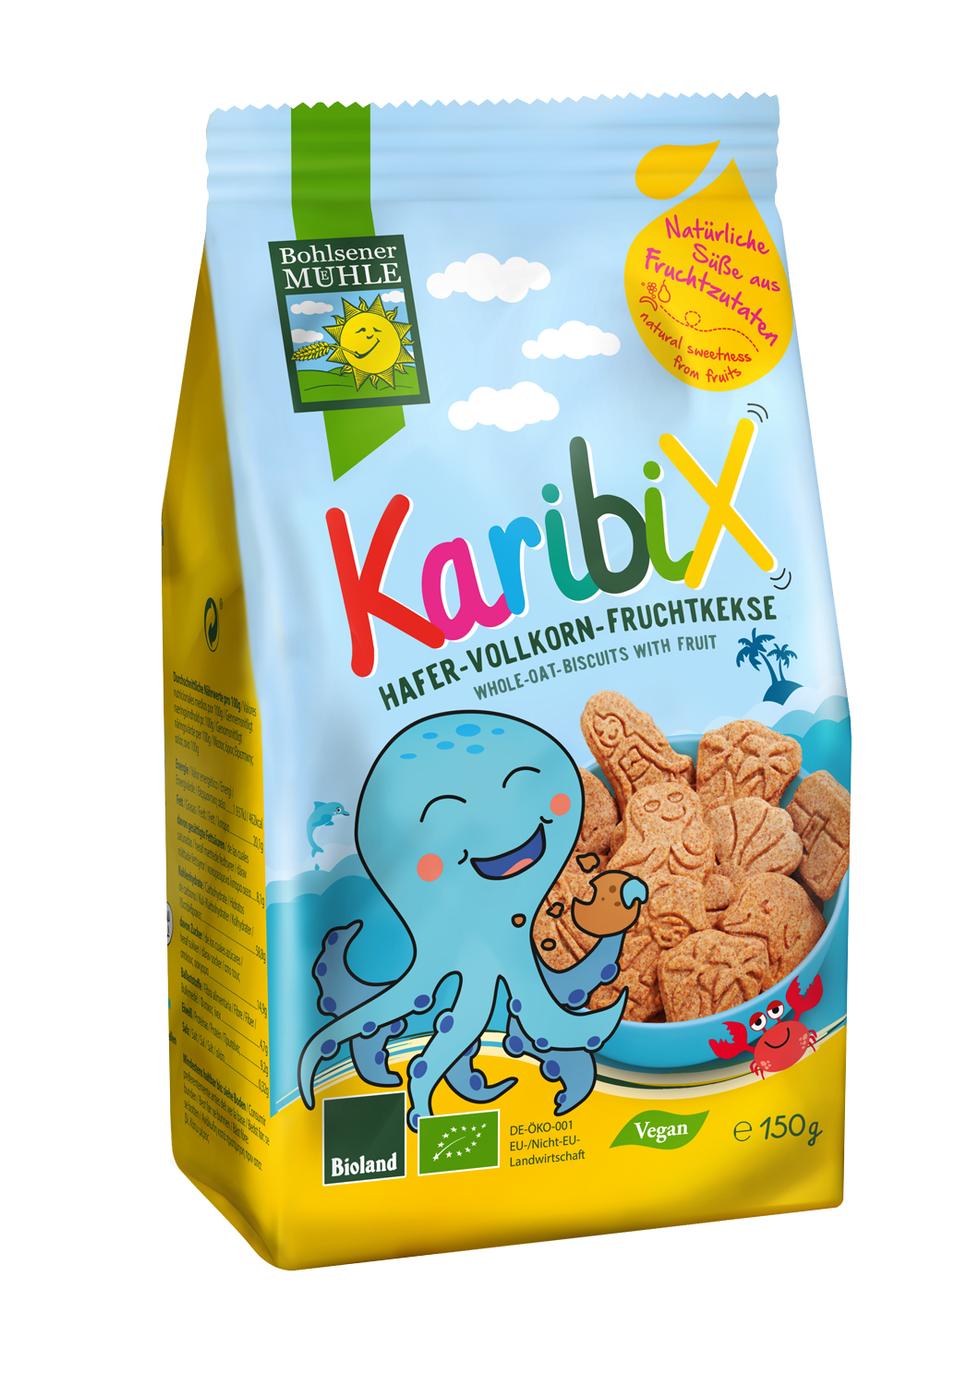 Karibix